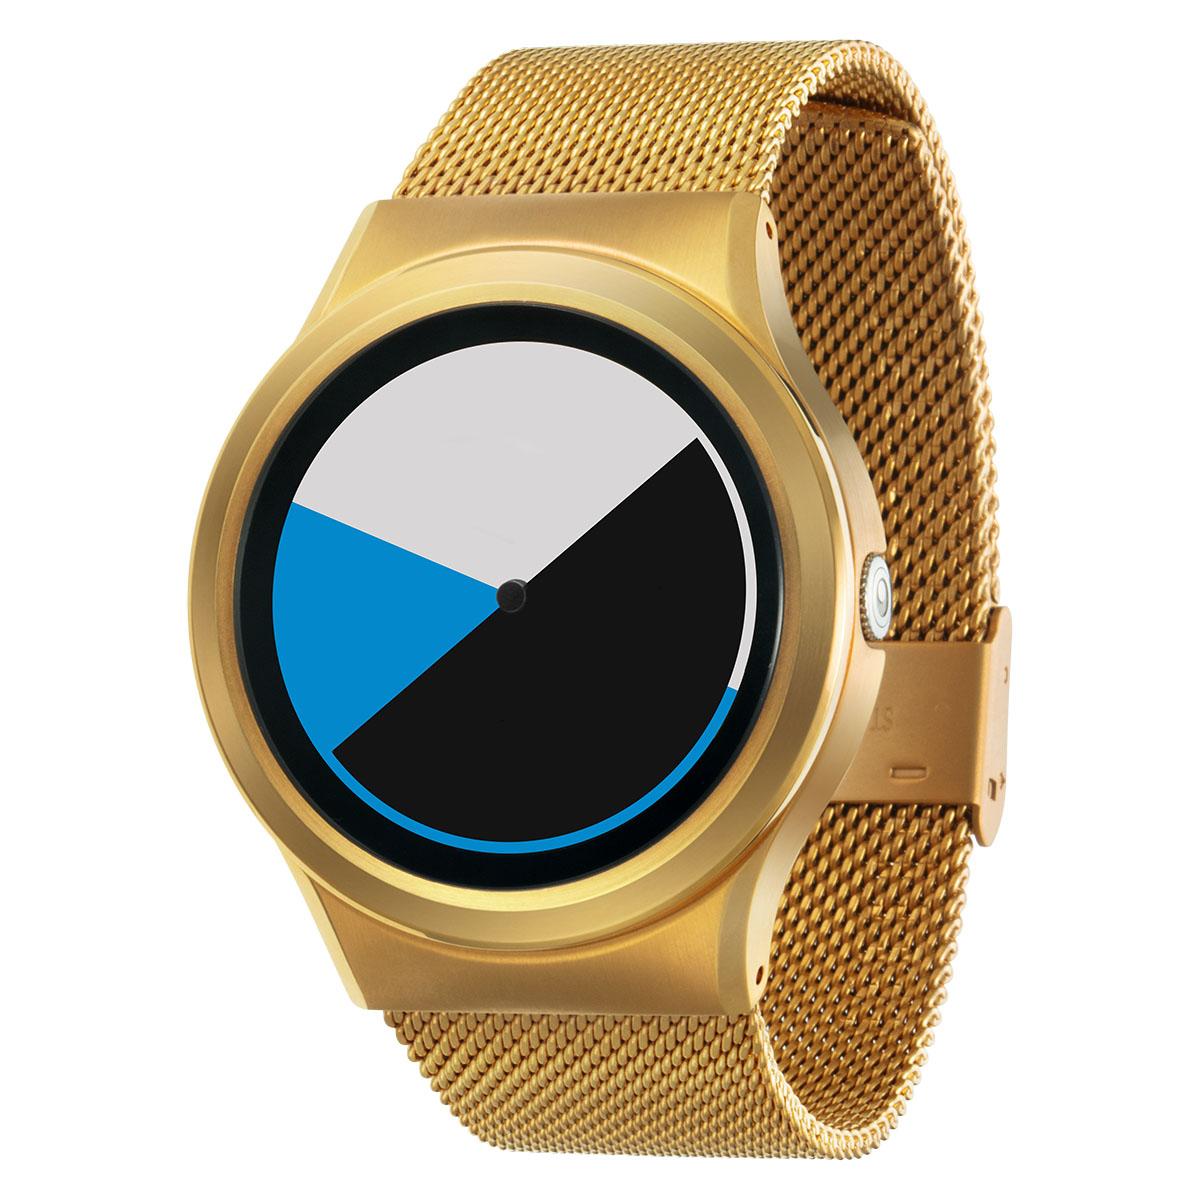 ZEROO COLORED TIME ゼロ 電池式クォーツ 腕時計 [W01002B04SM04] ブルー デザインウォッチ ペア用 メンズ レディース ユニセックス おしゃれ時計 デザイナーズ